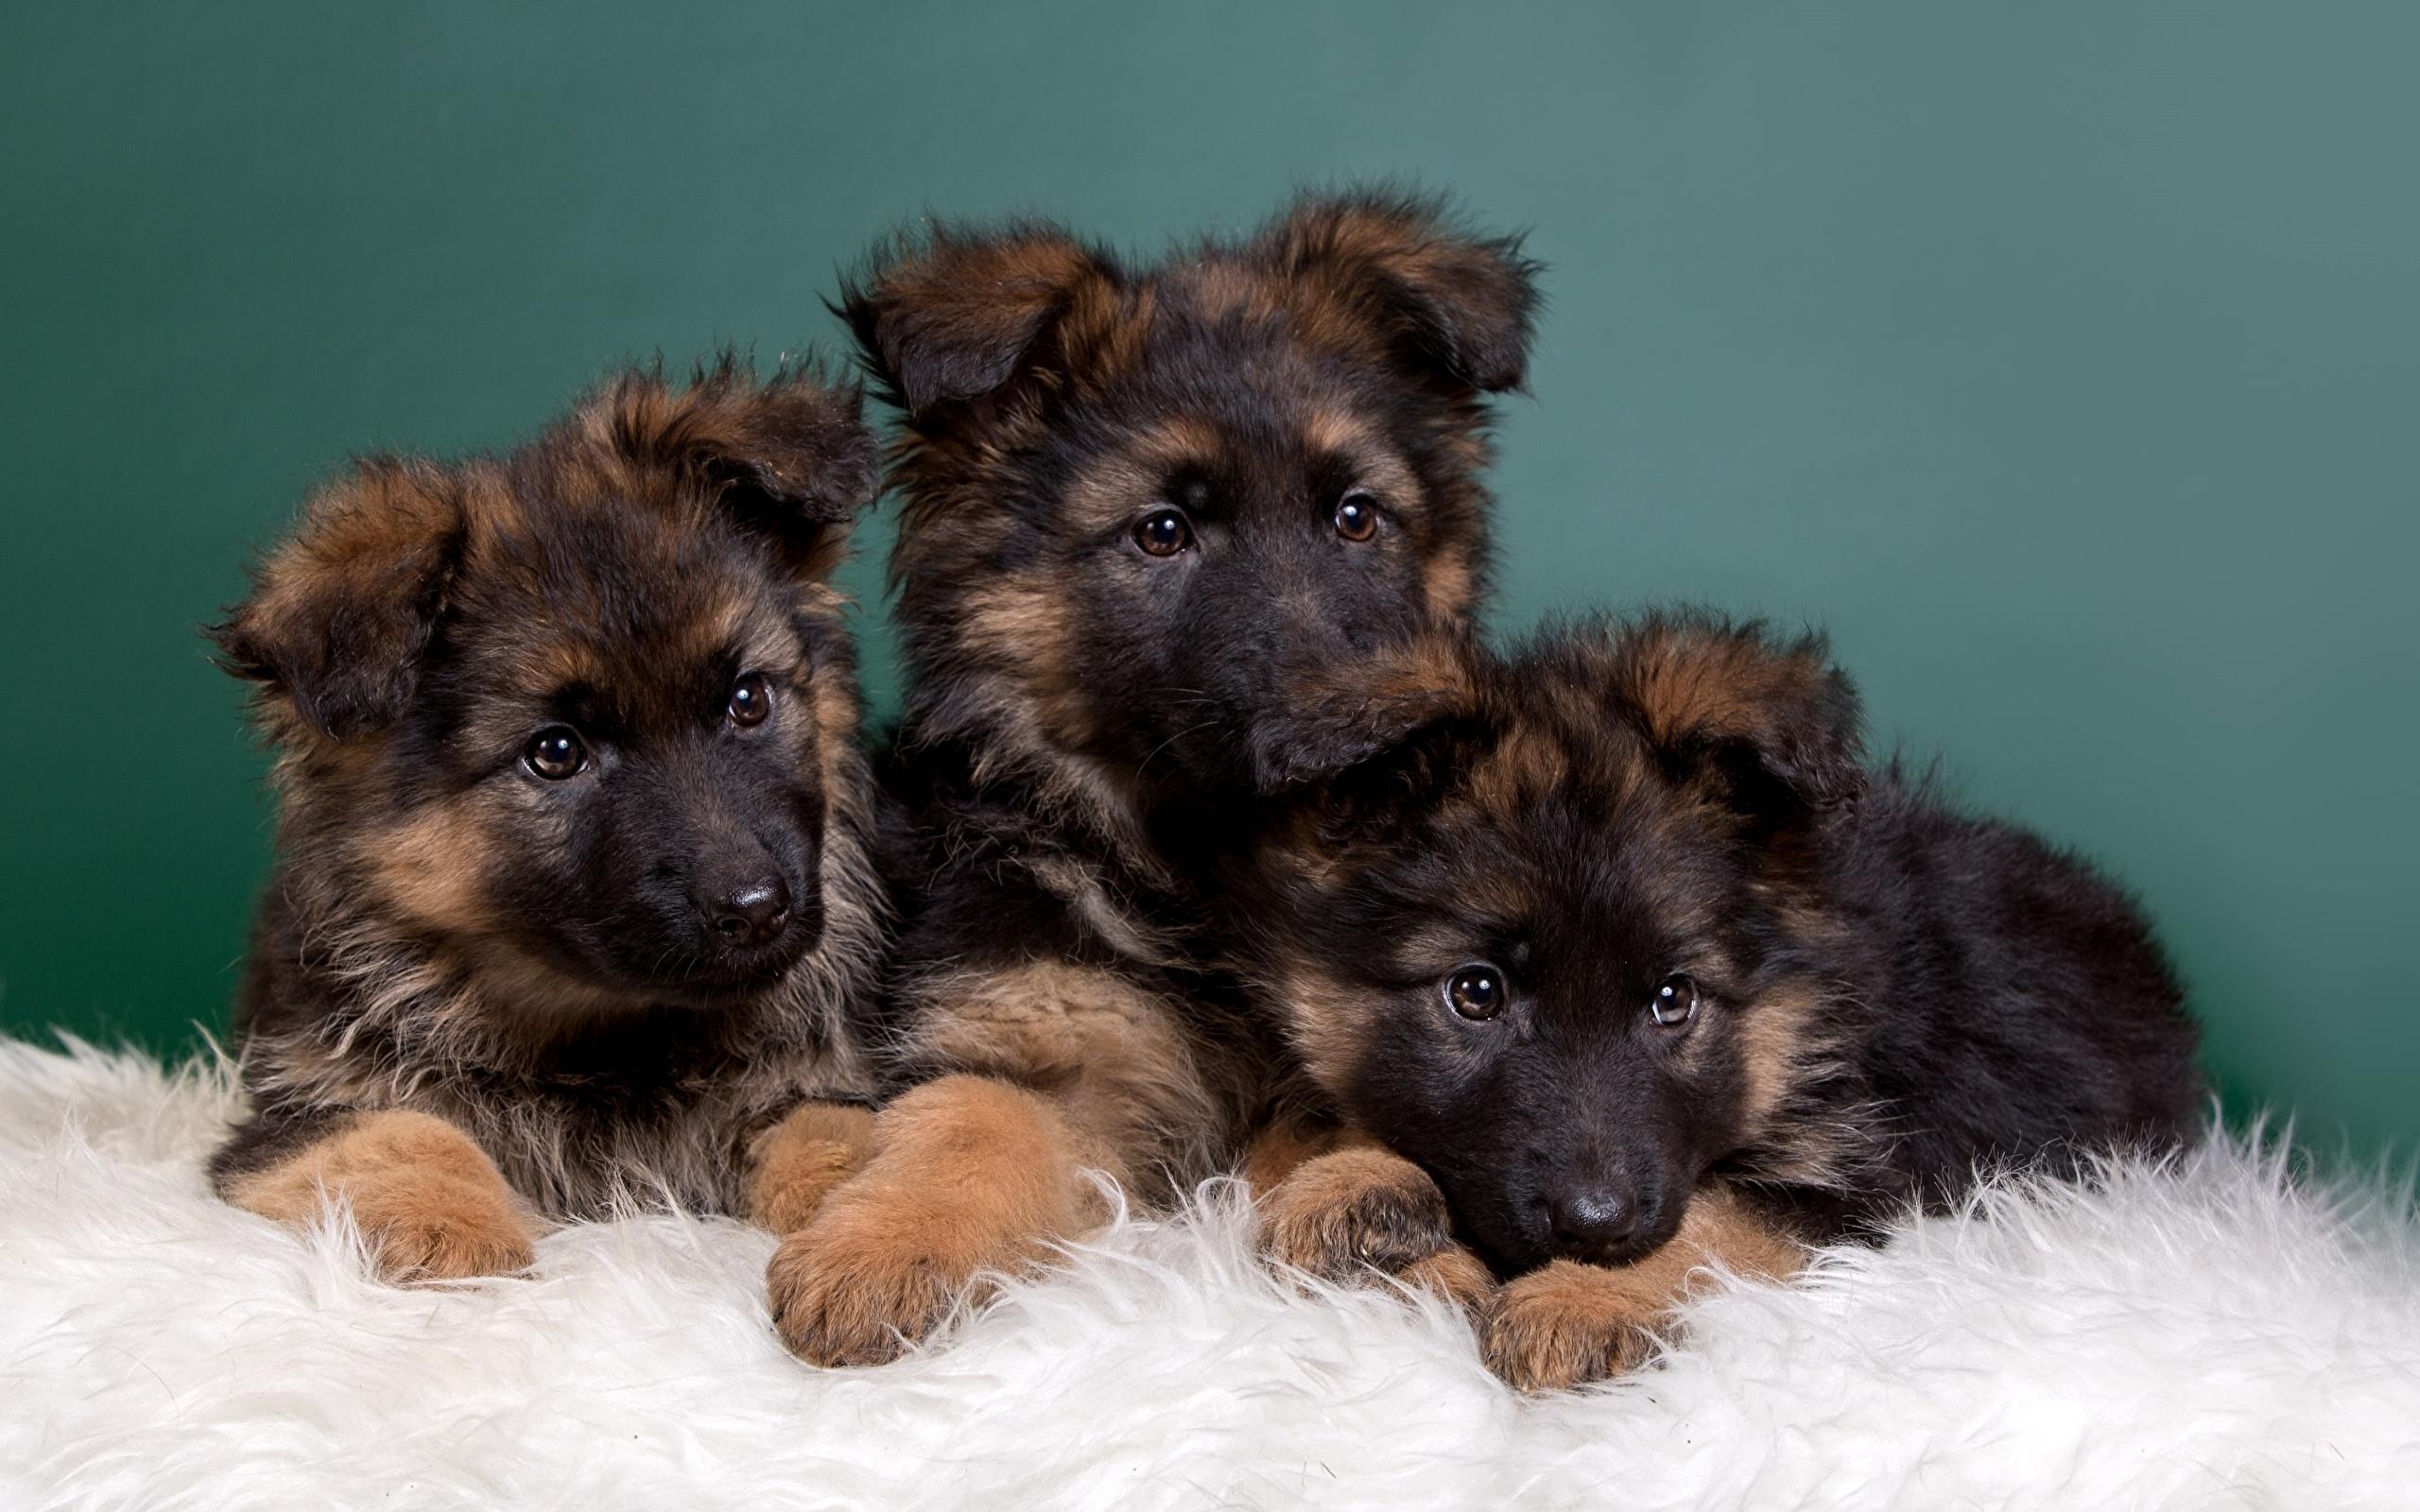 картинки собак овчарок немецких щенков вас каждого лежит